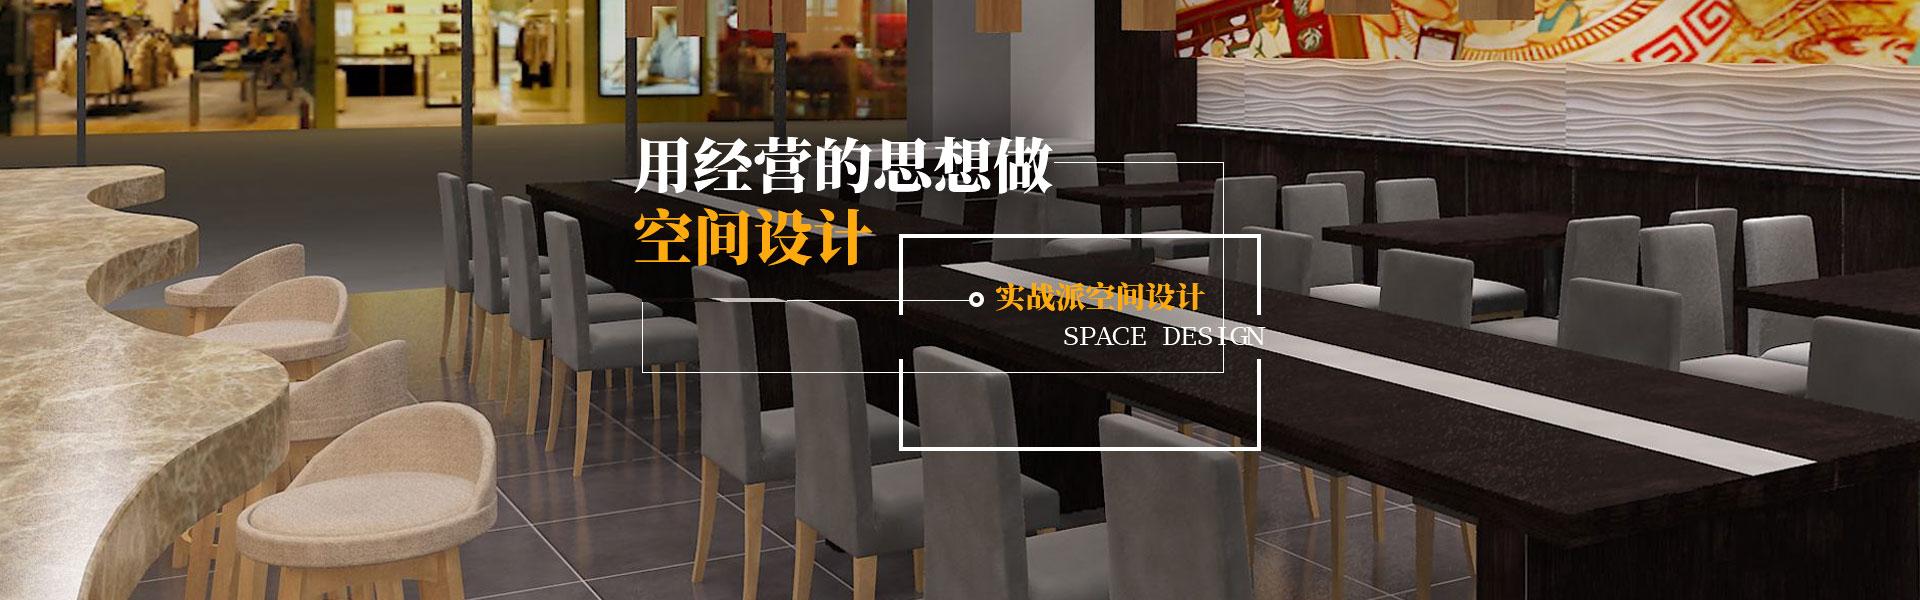 重庆店铺装修